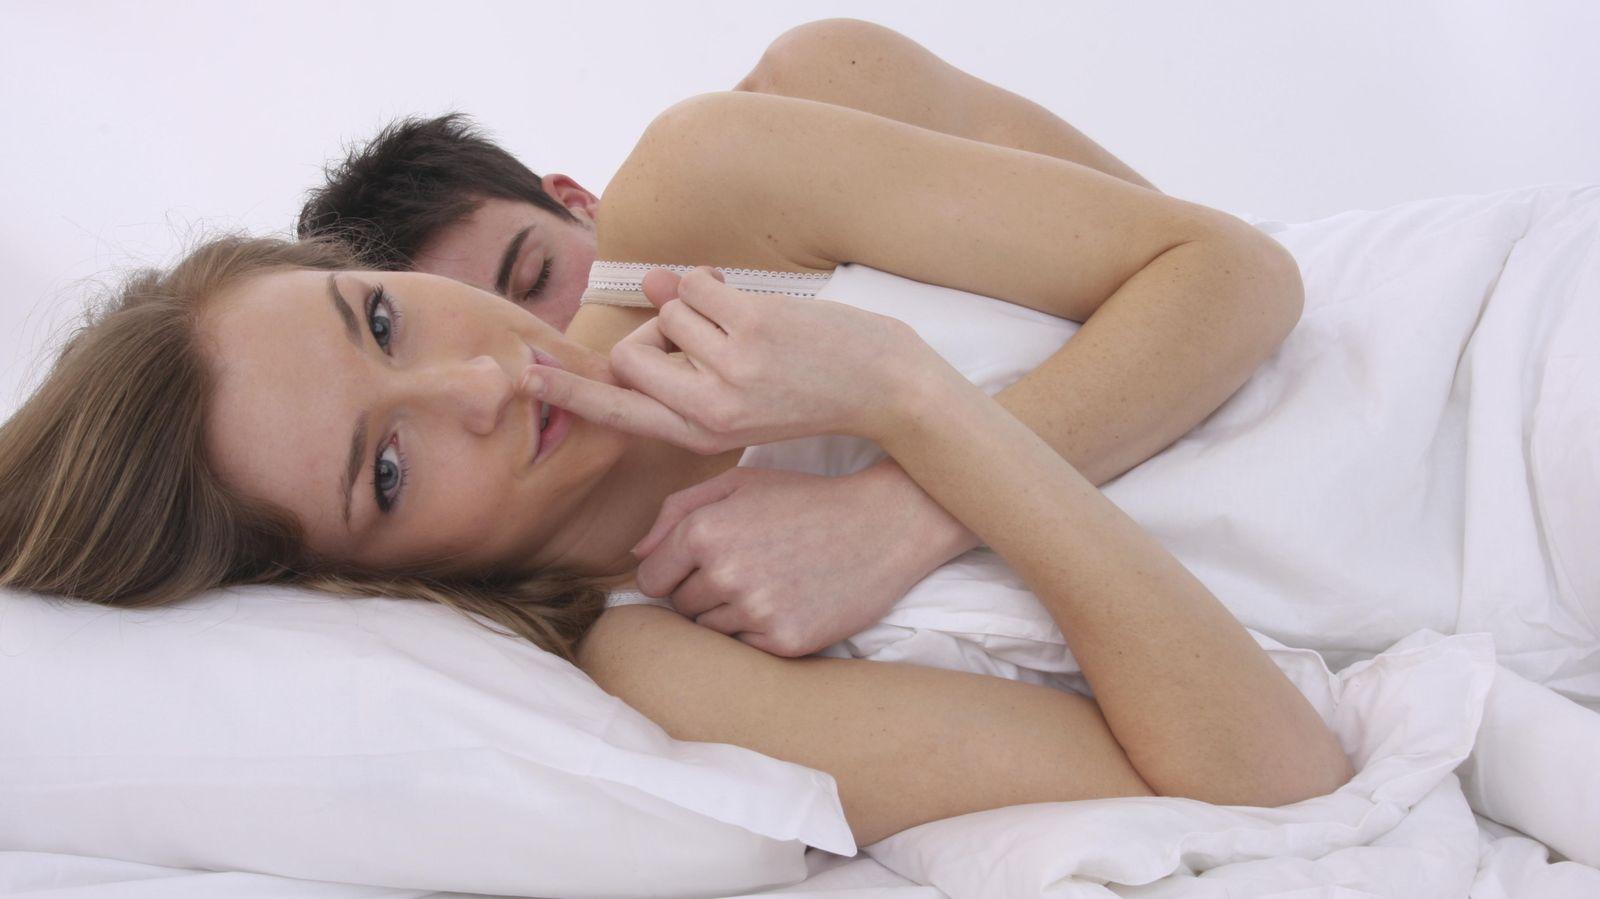 Foto: En pocas ocasiones tenemos sueños eróticos con la persona con la que compartimos cama. (iStock)